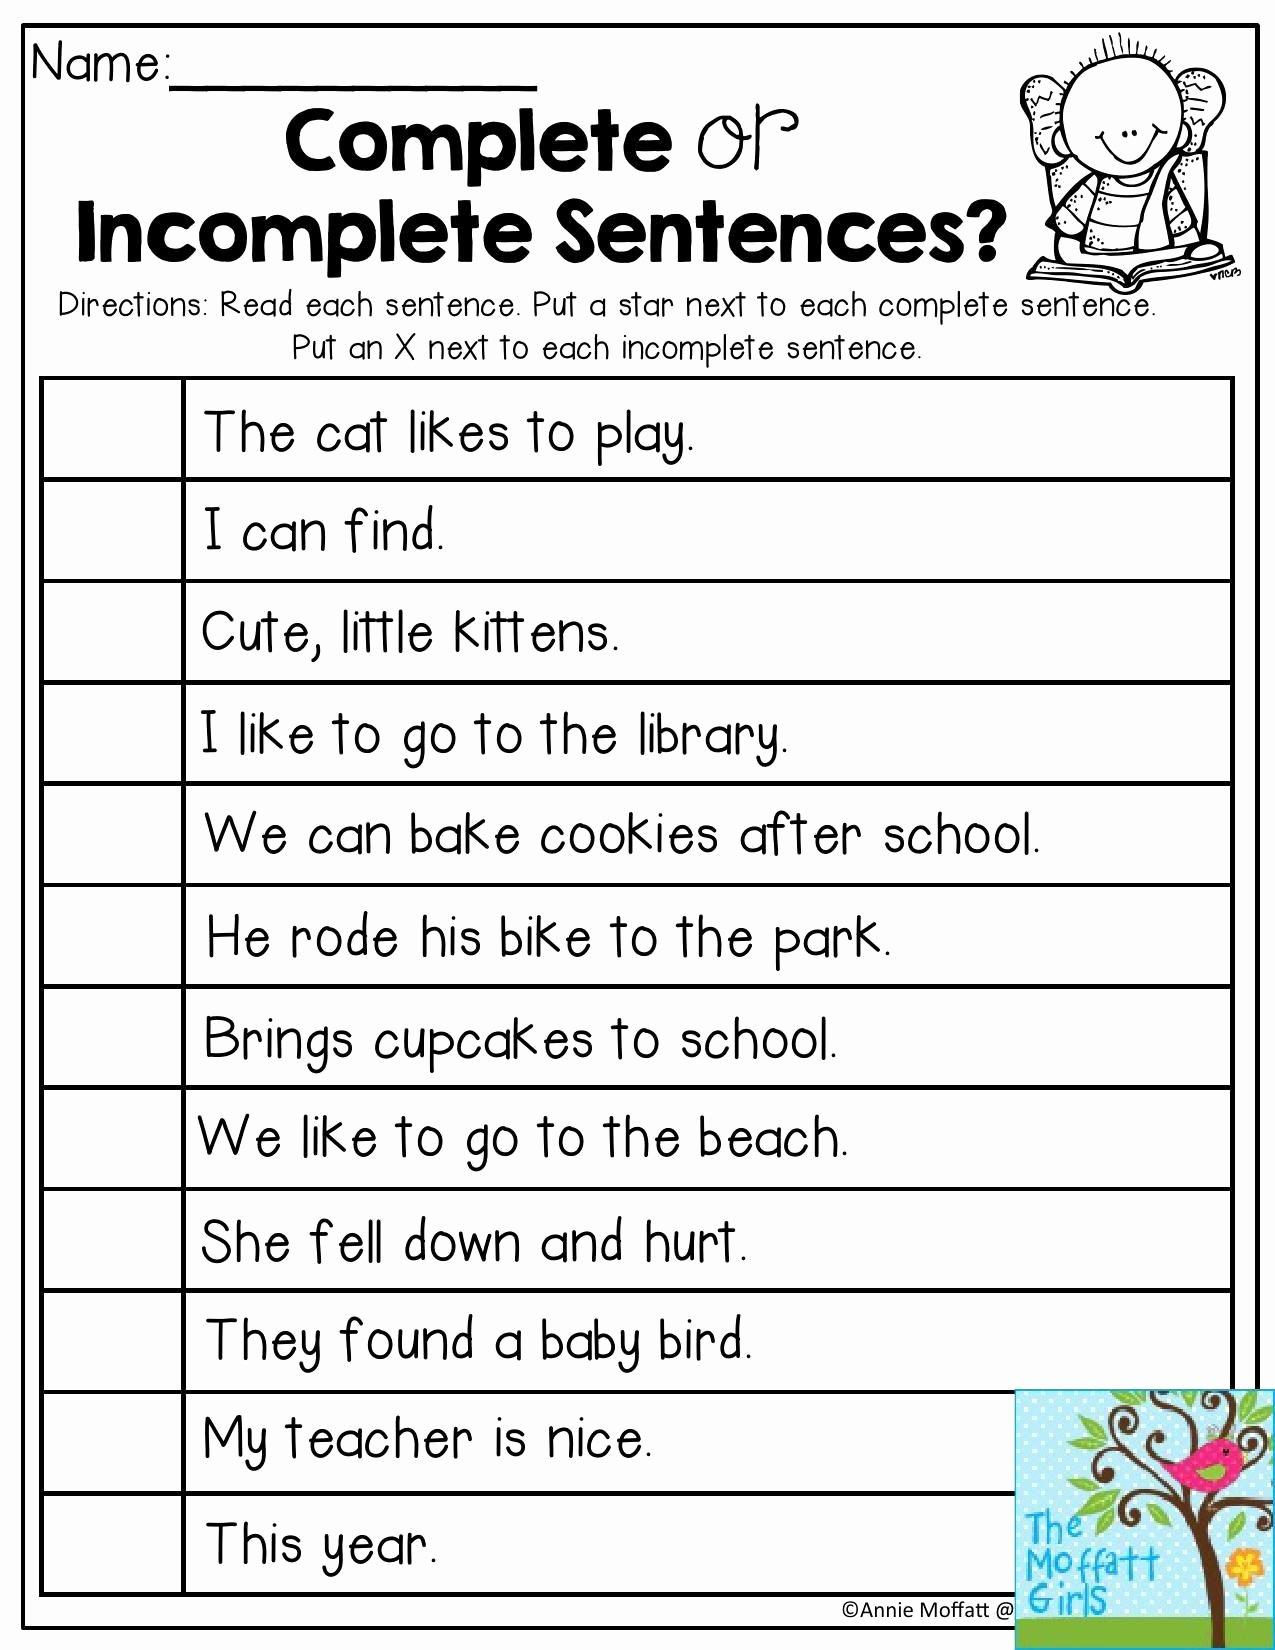 Complete Sentences Worksheets 3rd Grade Printable 3rd Grade Sentence Writing Worksheets